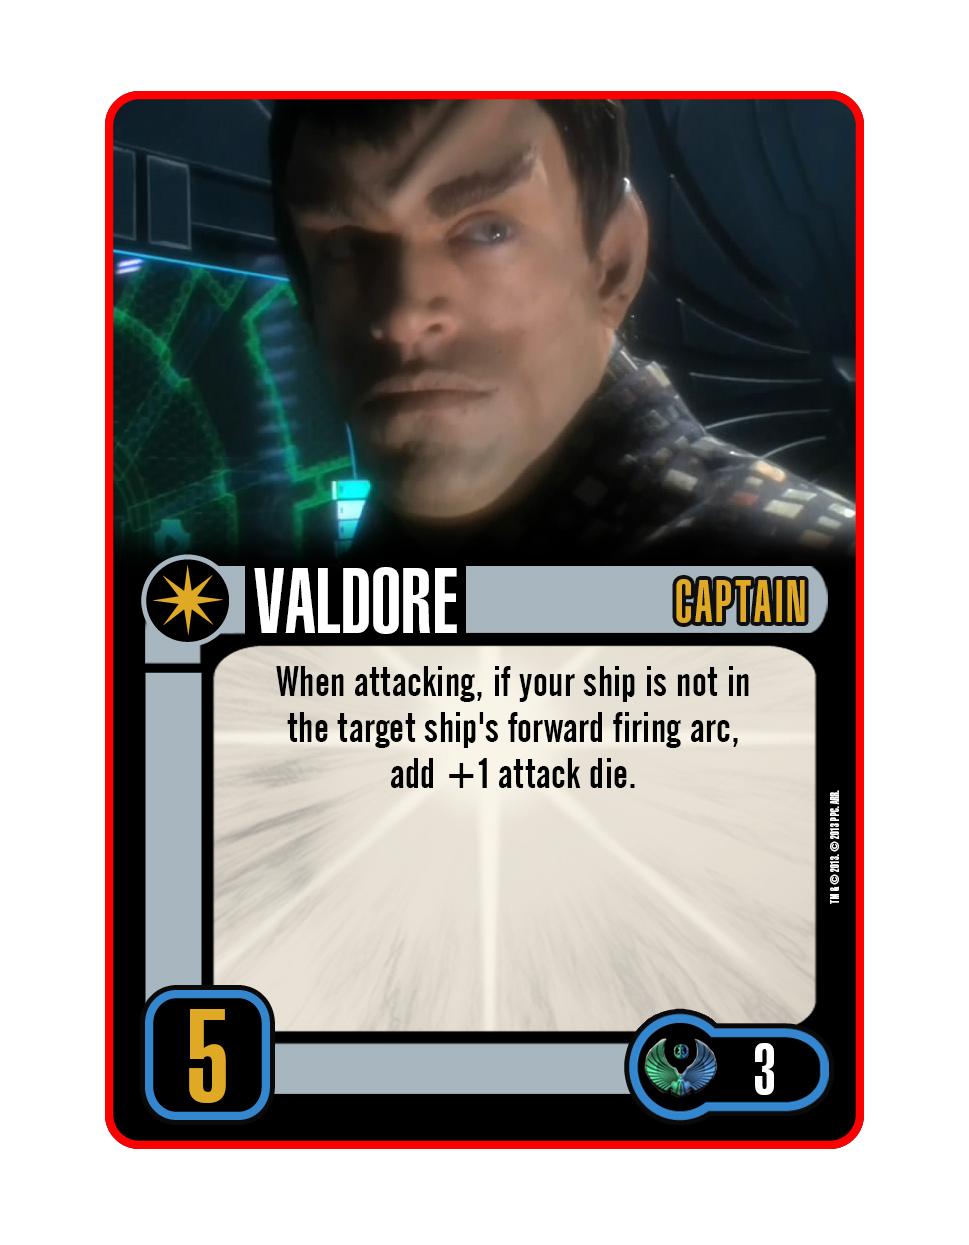 Captain - Valdore